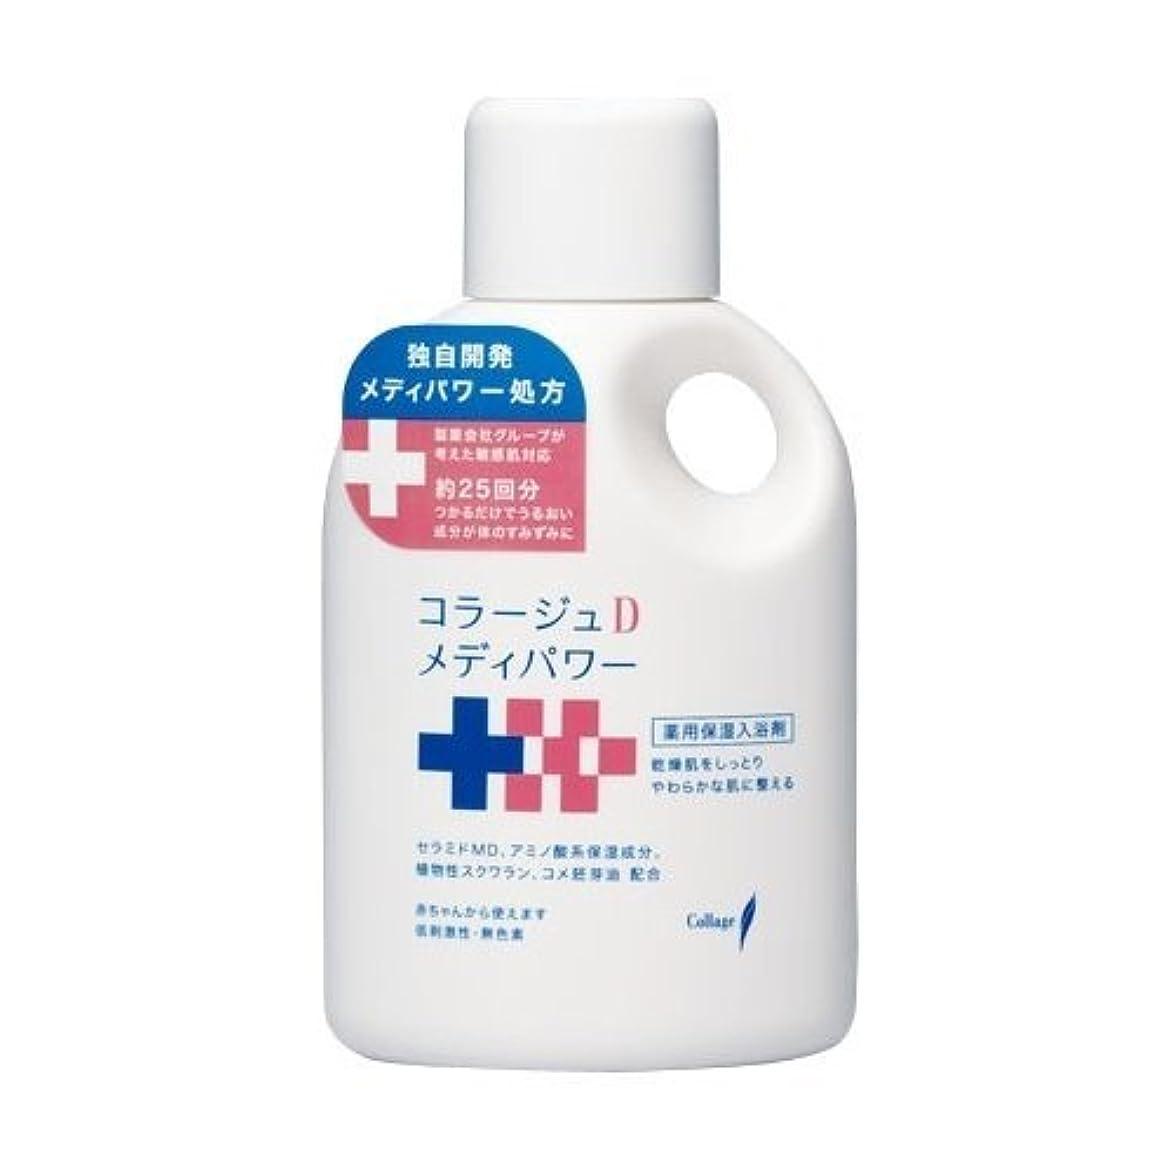 好きである闘争レジデンスコラージュ Dメディパワー 保湿入浴剤 500mL (医薬部外品)